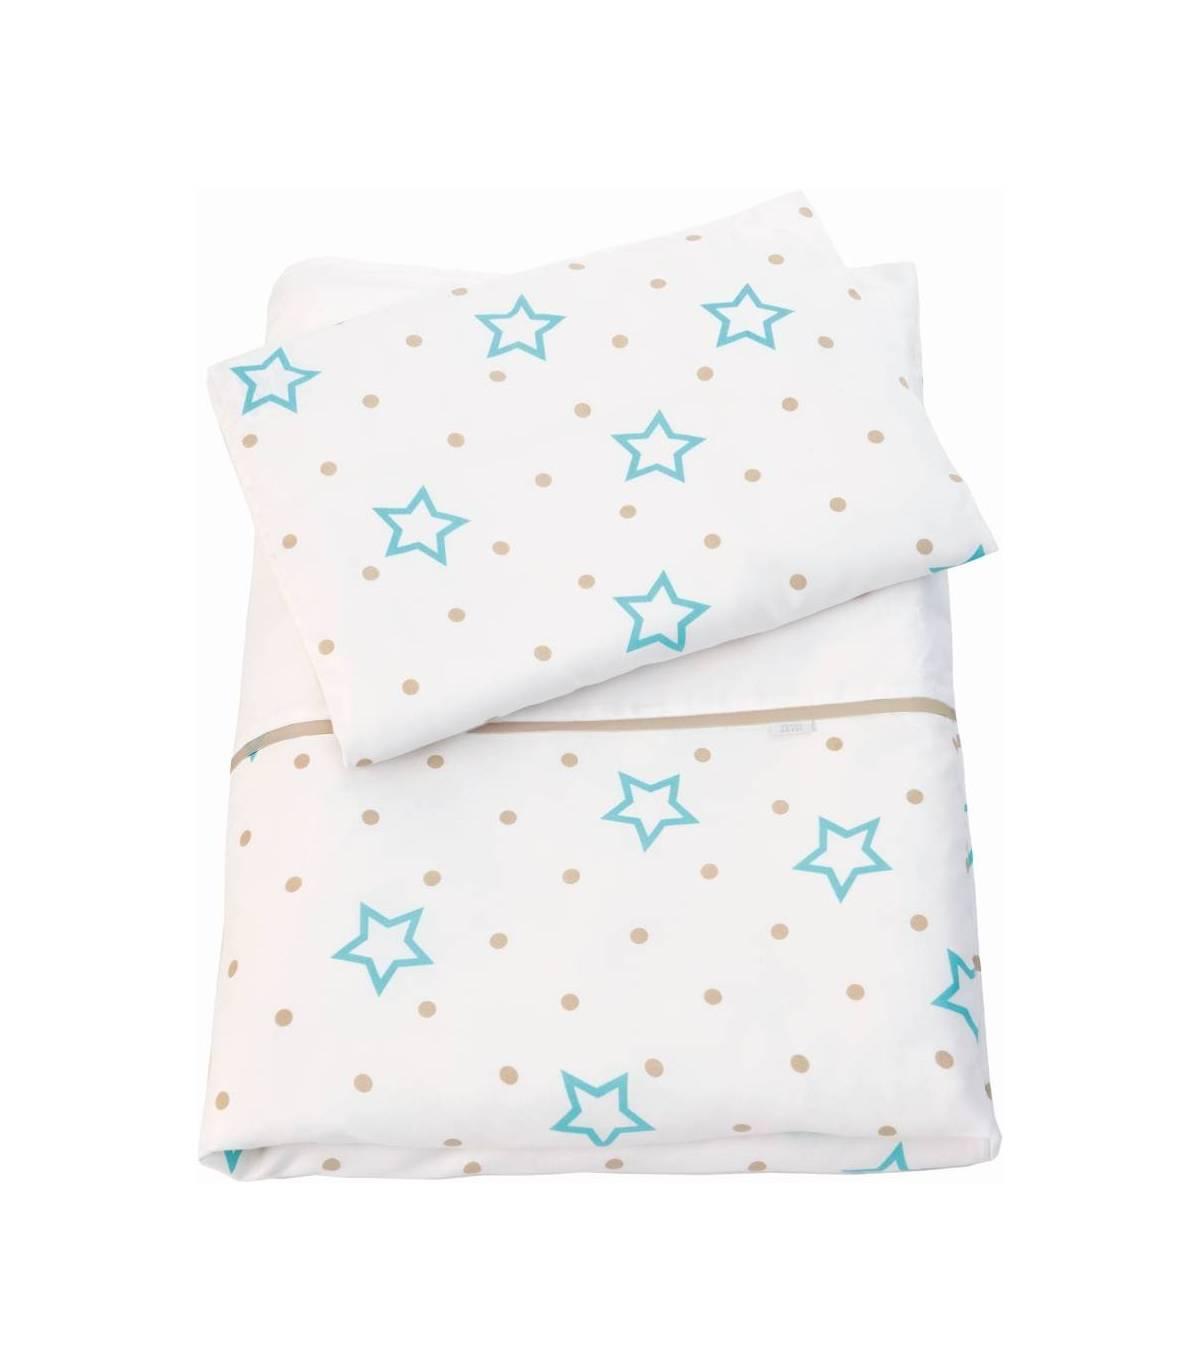 Zewi Bébé-Jou Bettwäsche 100x135cm & Kissenbezug 40x60cm White Stars & Points